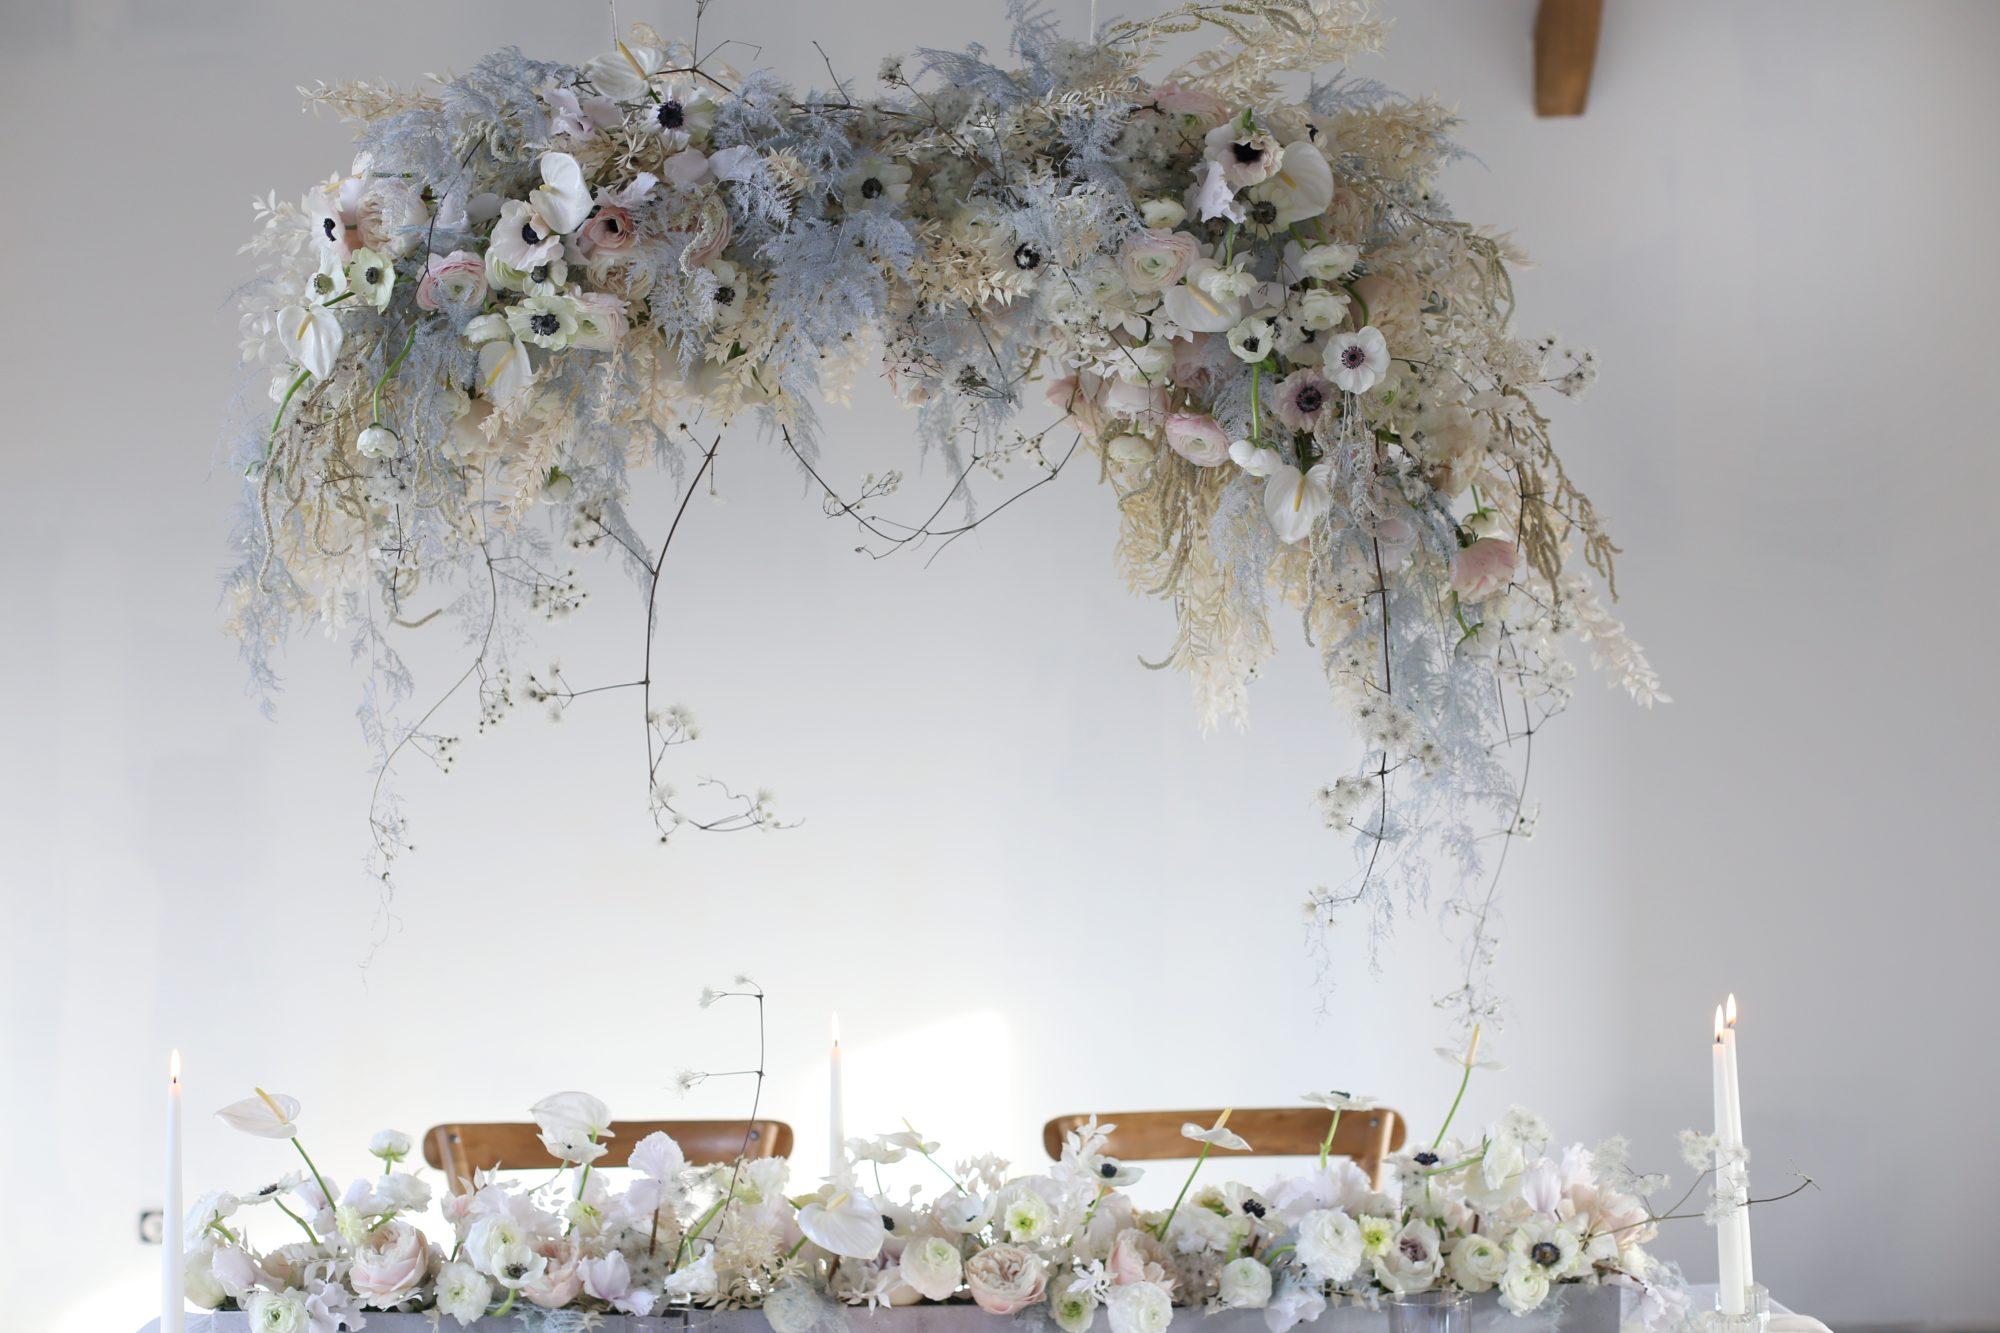 Capucine Atelier Floral - suspension florale tendance mariage 2020